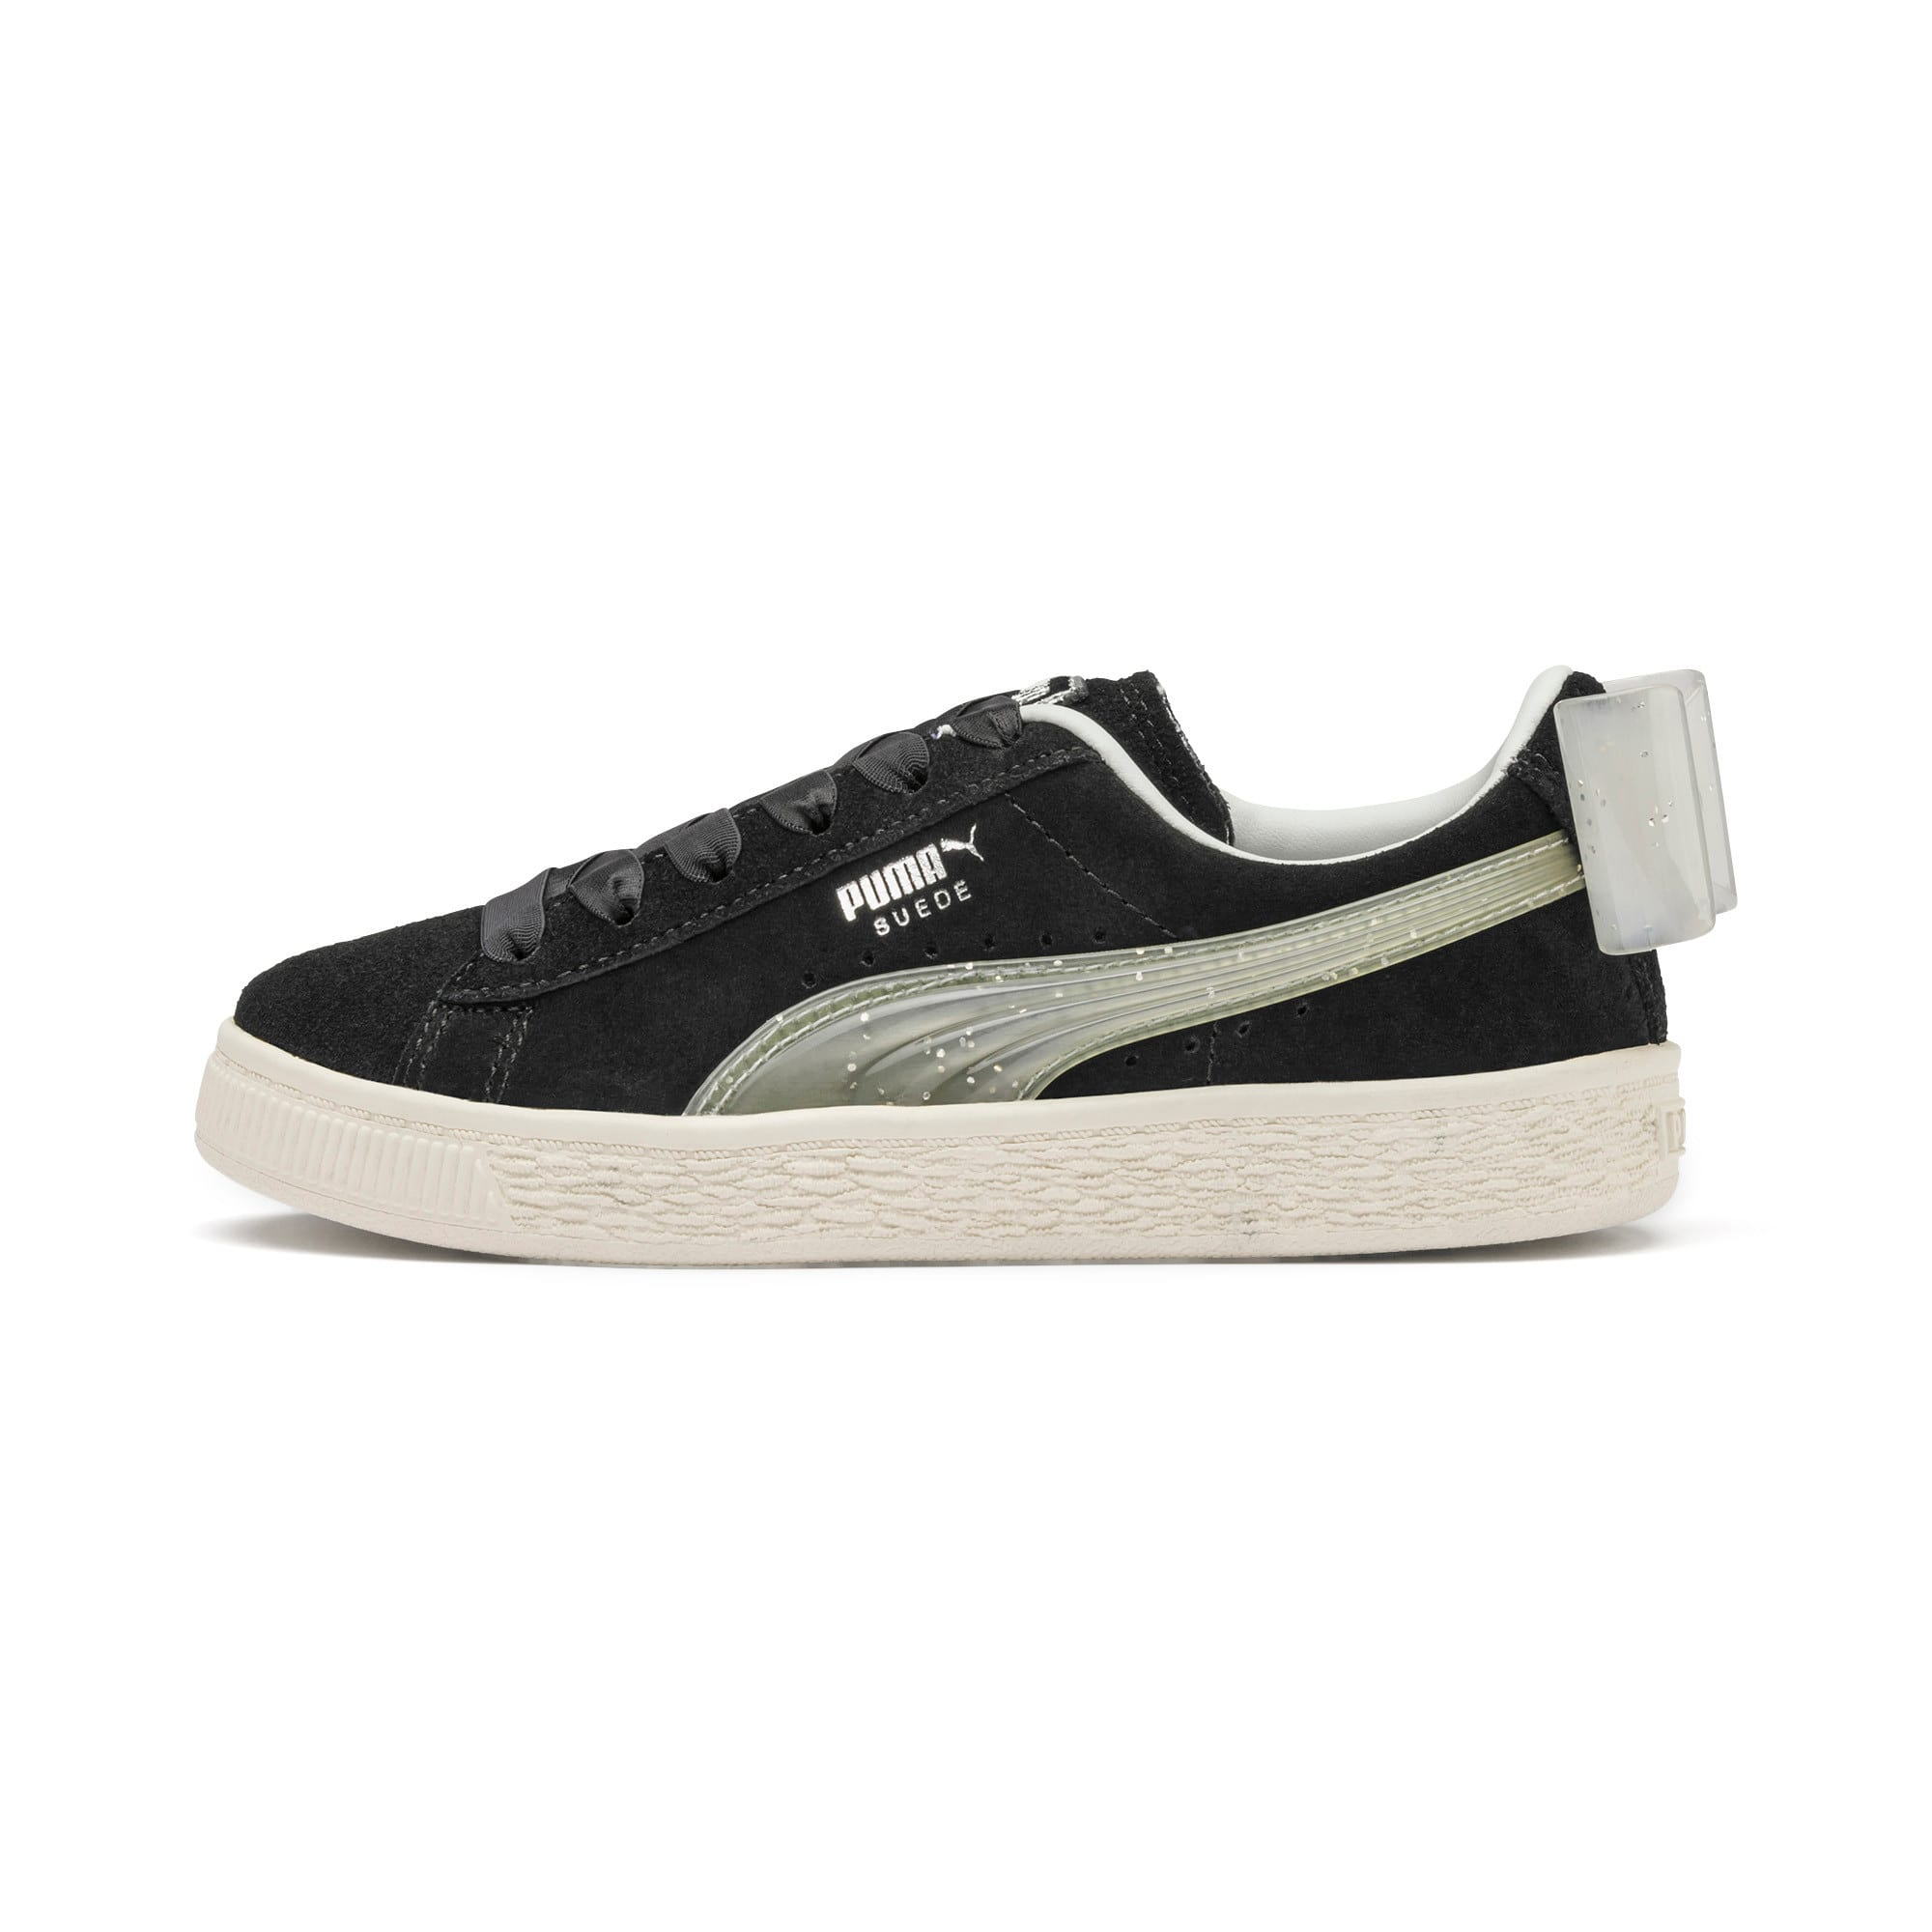 Miniatura 1 de Zapatos Suede Jelly Bow AC para niños, Puma Black-Glac Gray-Silver, mediano